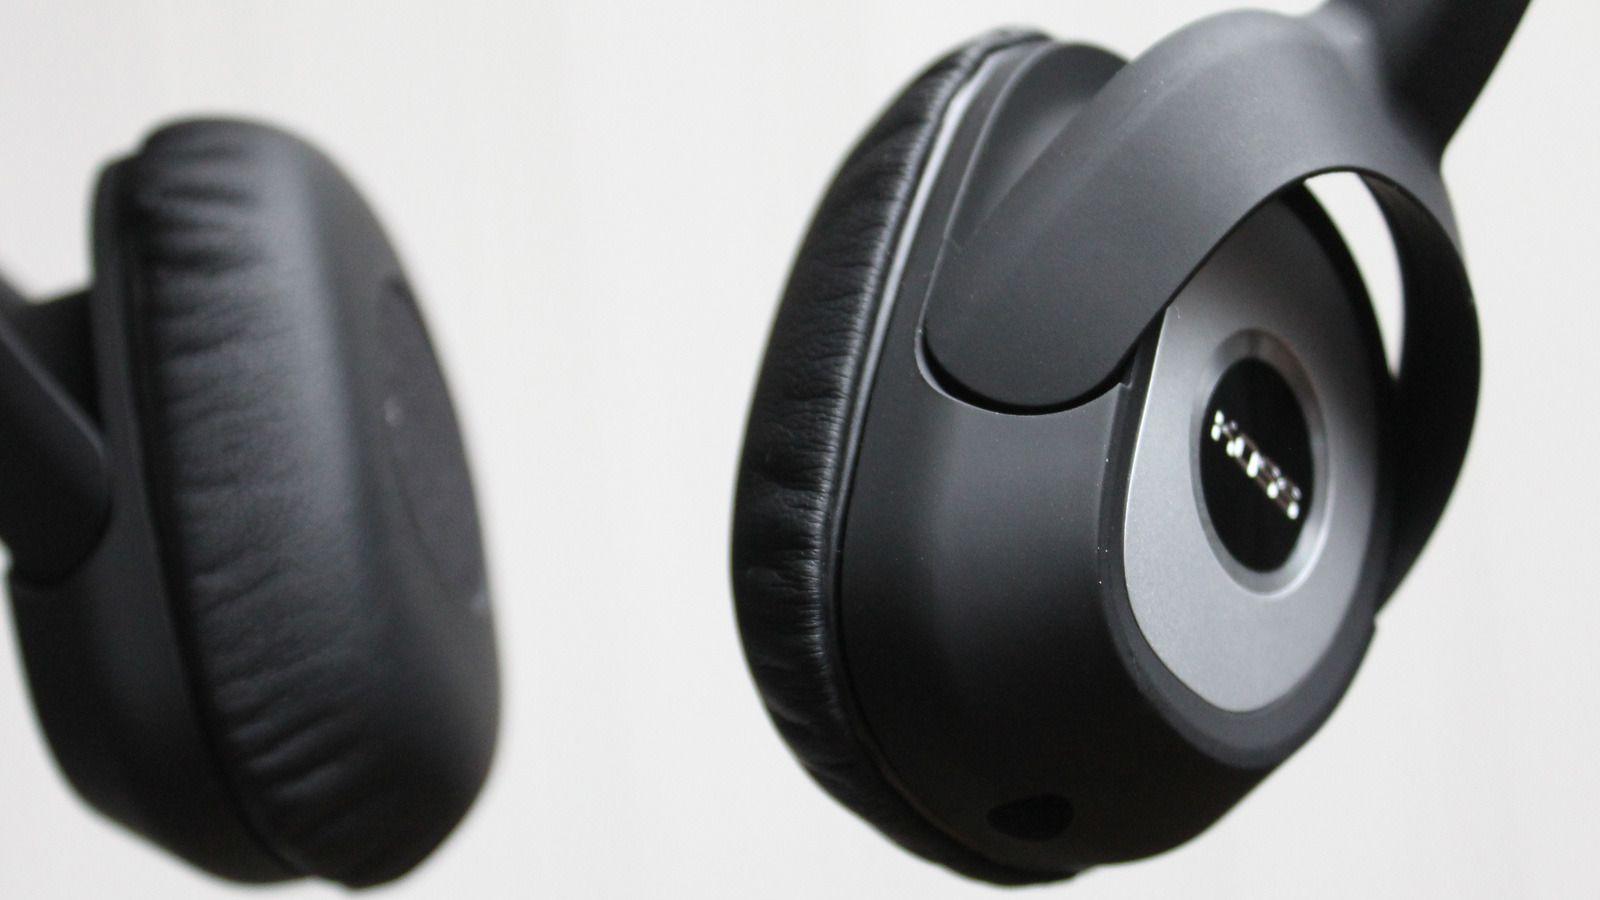 SP330 har god lyd, men mangler litt i bassområdet. Disse putene ligger mot øret, men er ikke heldekkende.